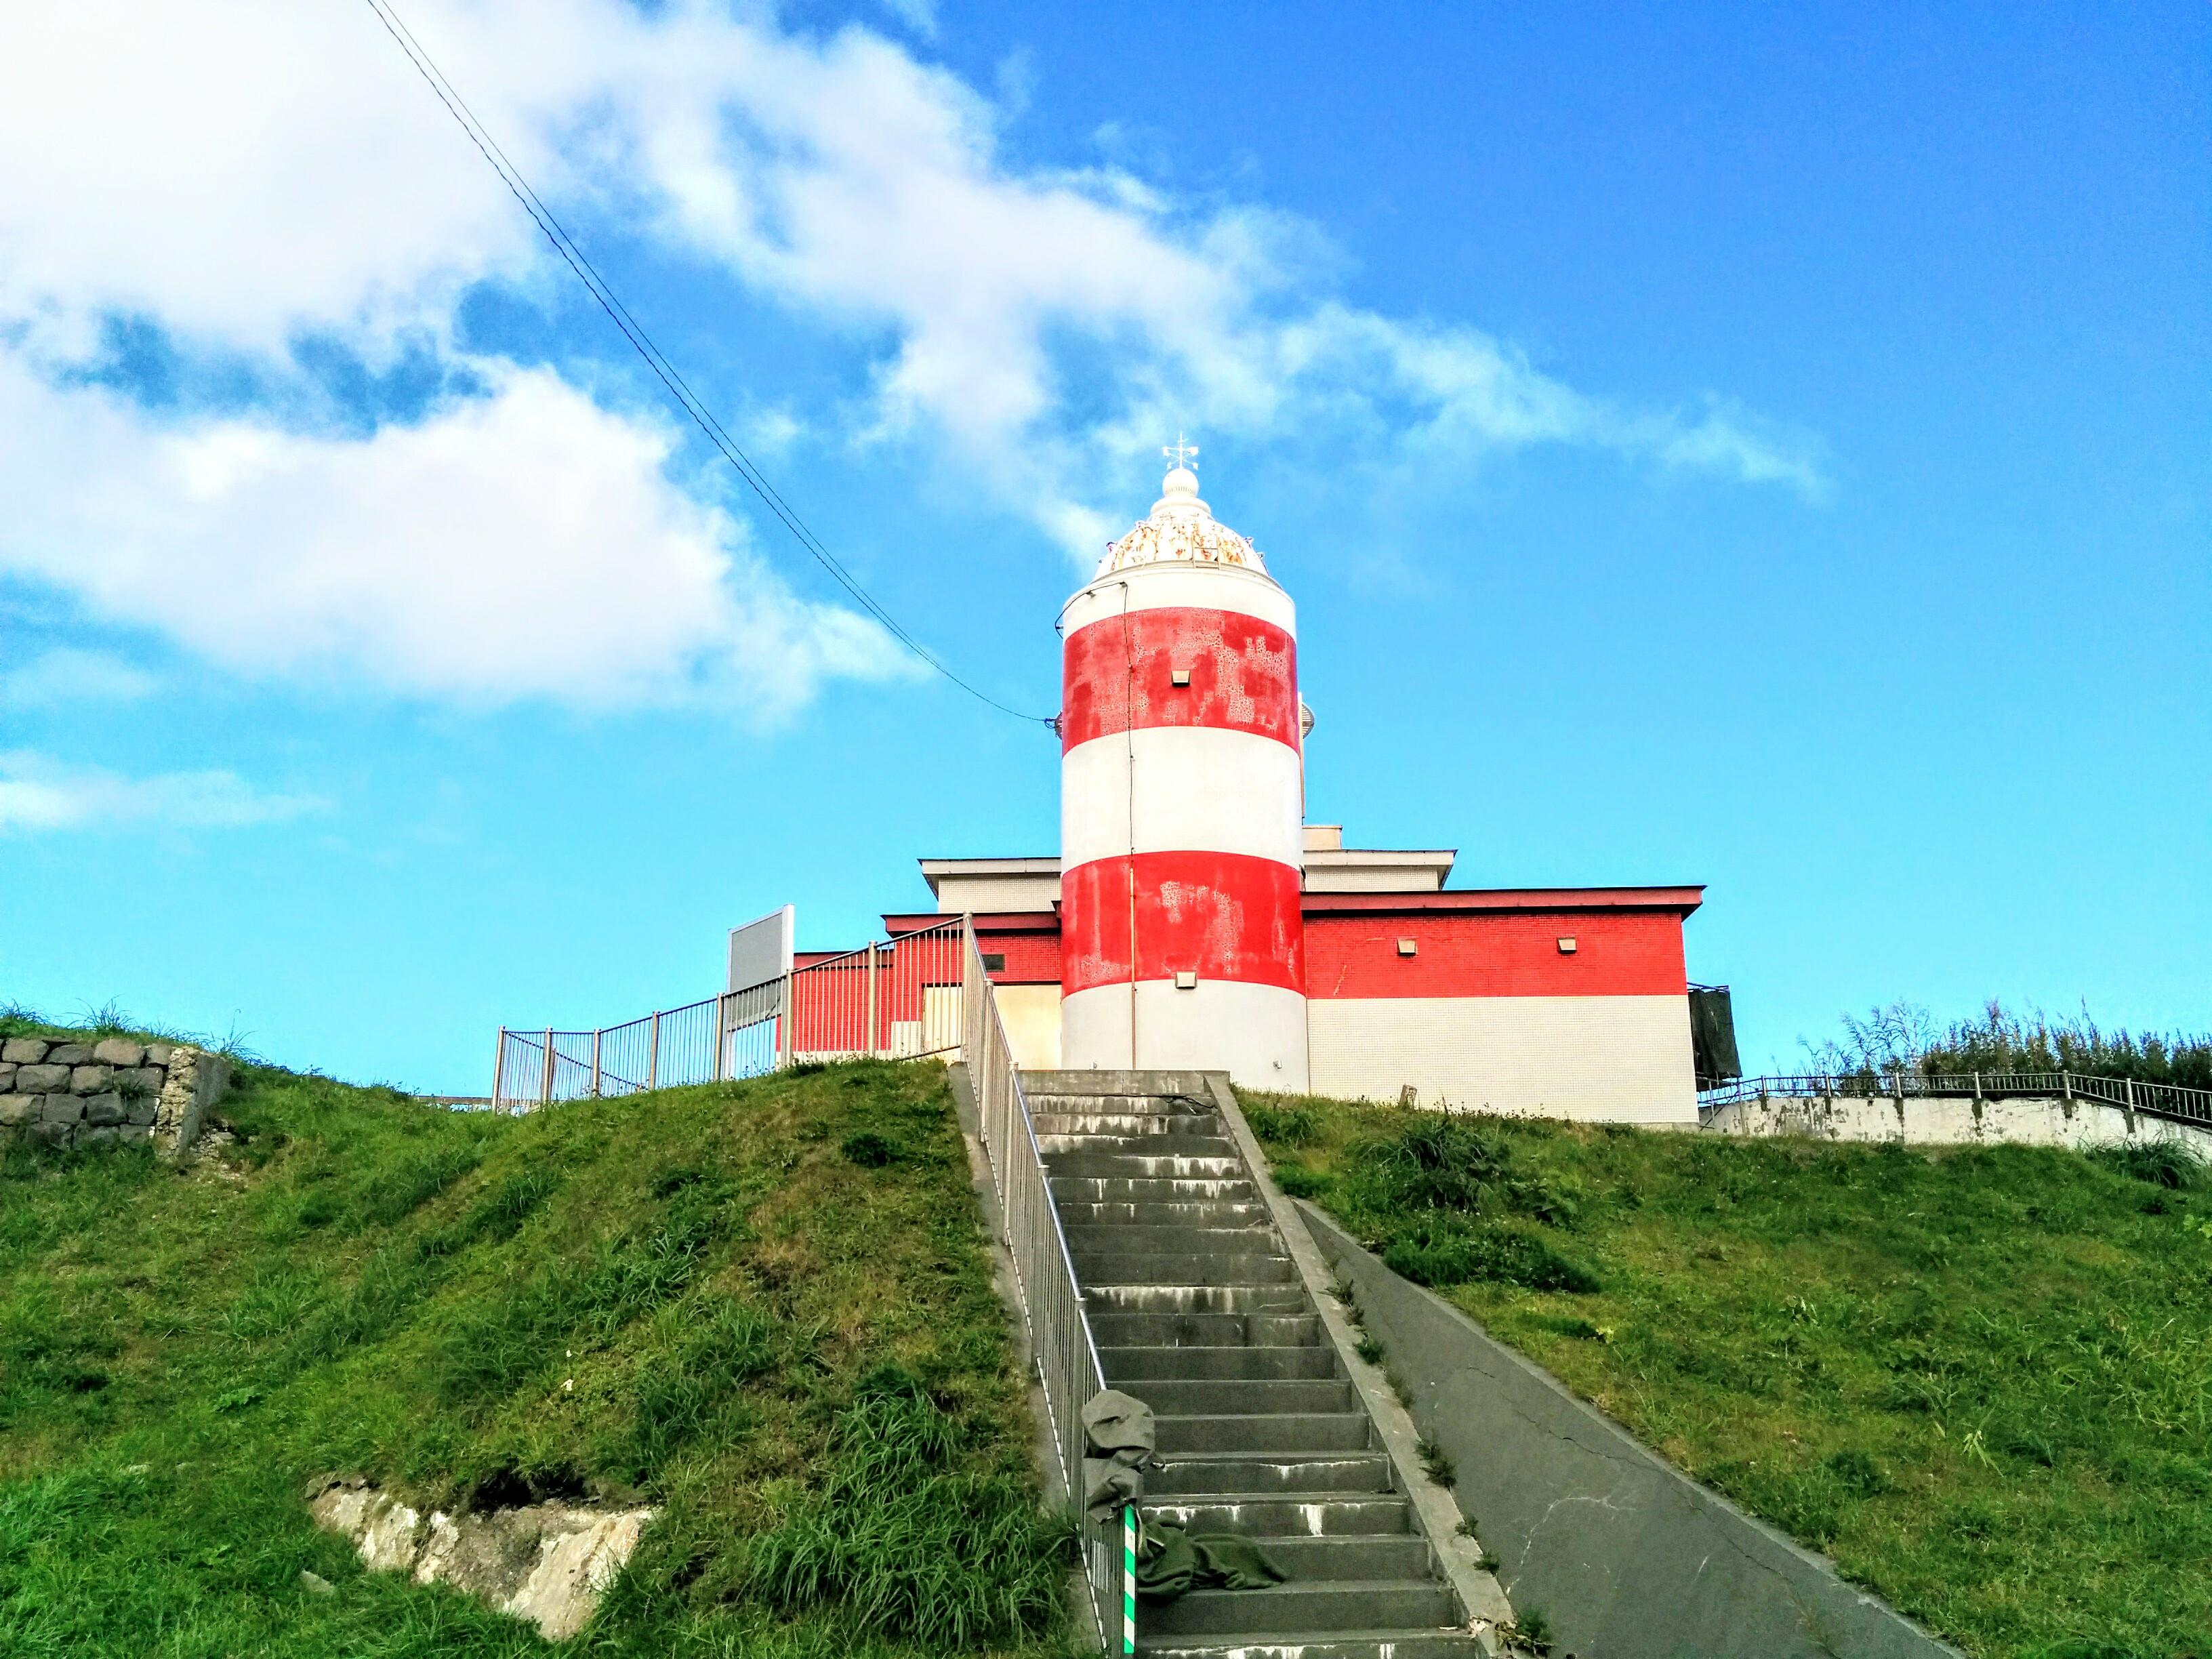 【小樽観光タクシー】日和山灯台観光案内です。